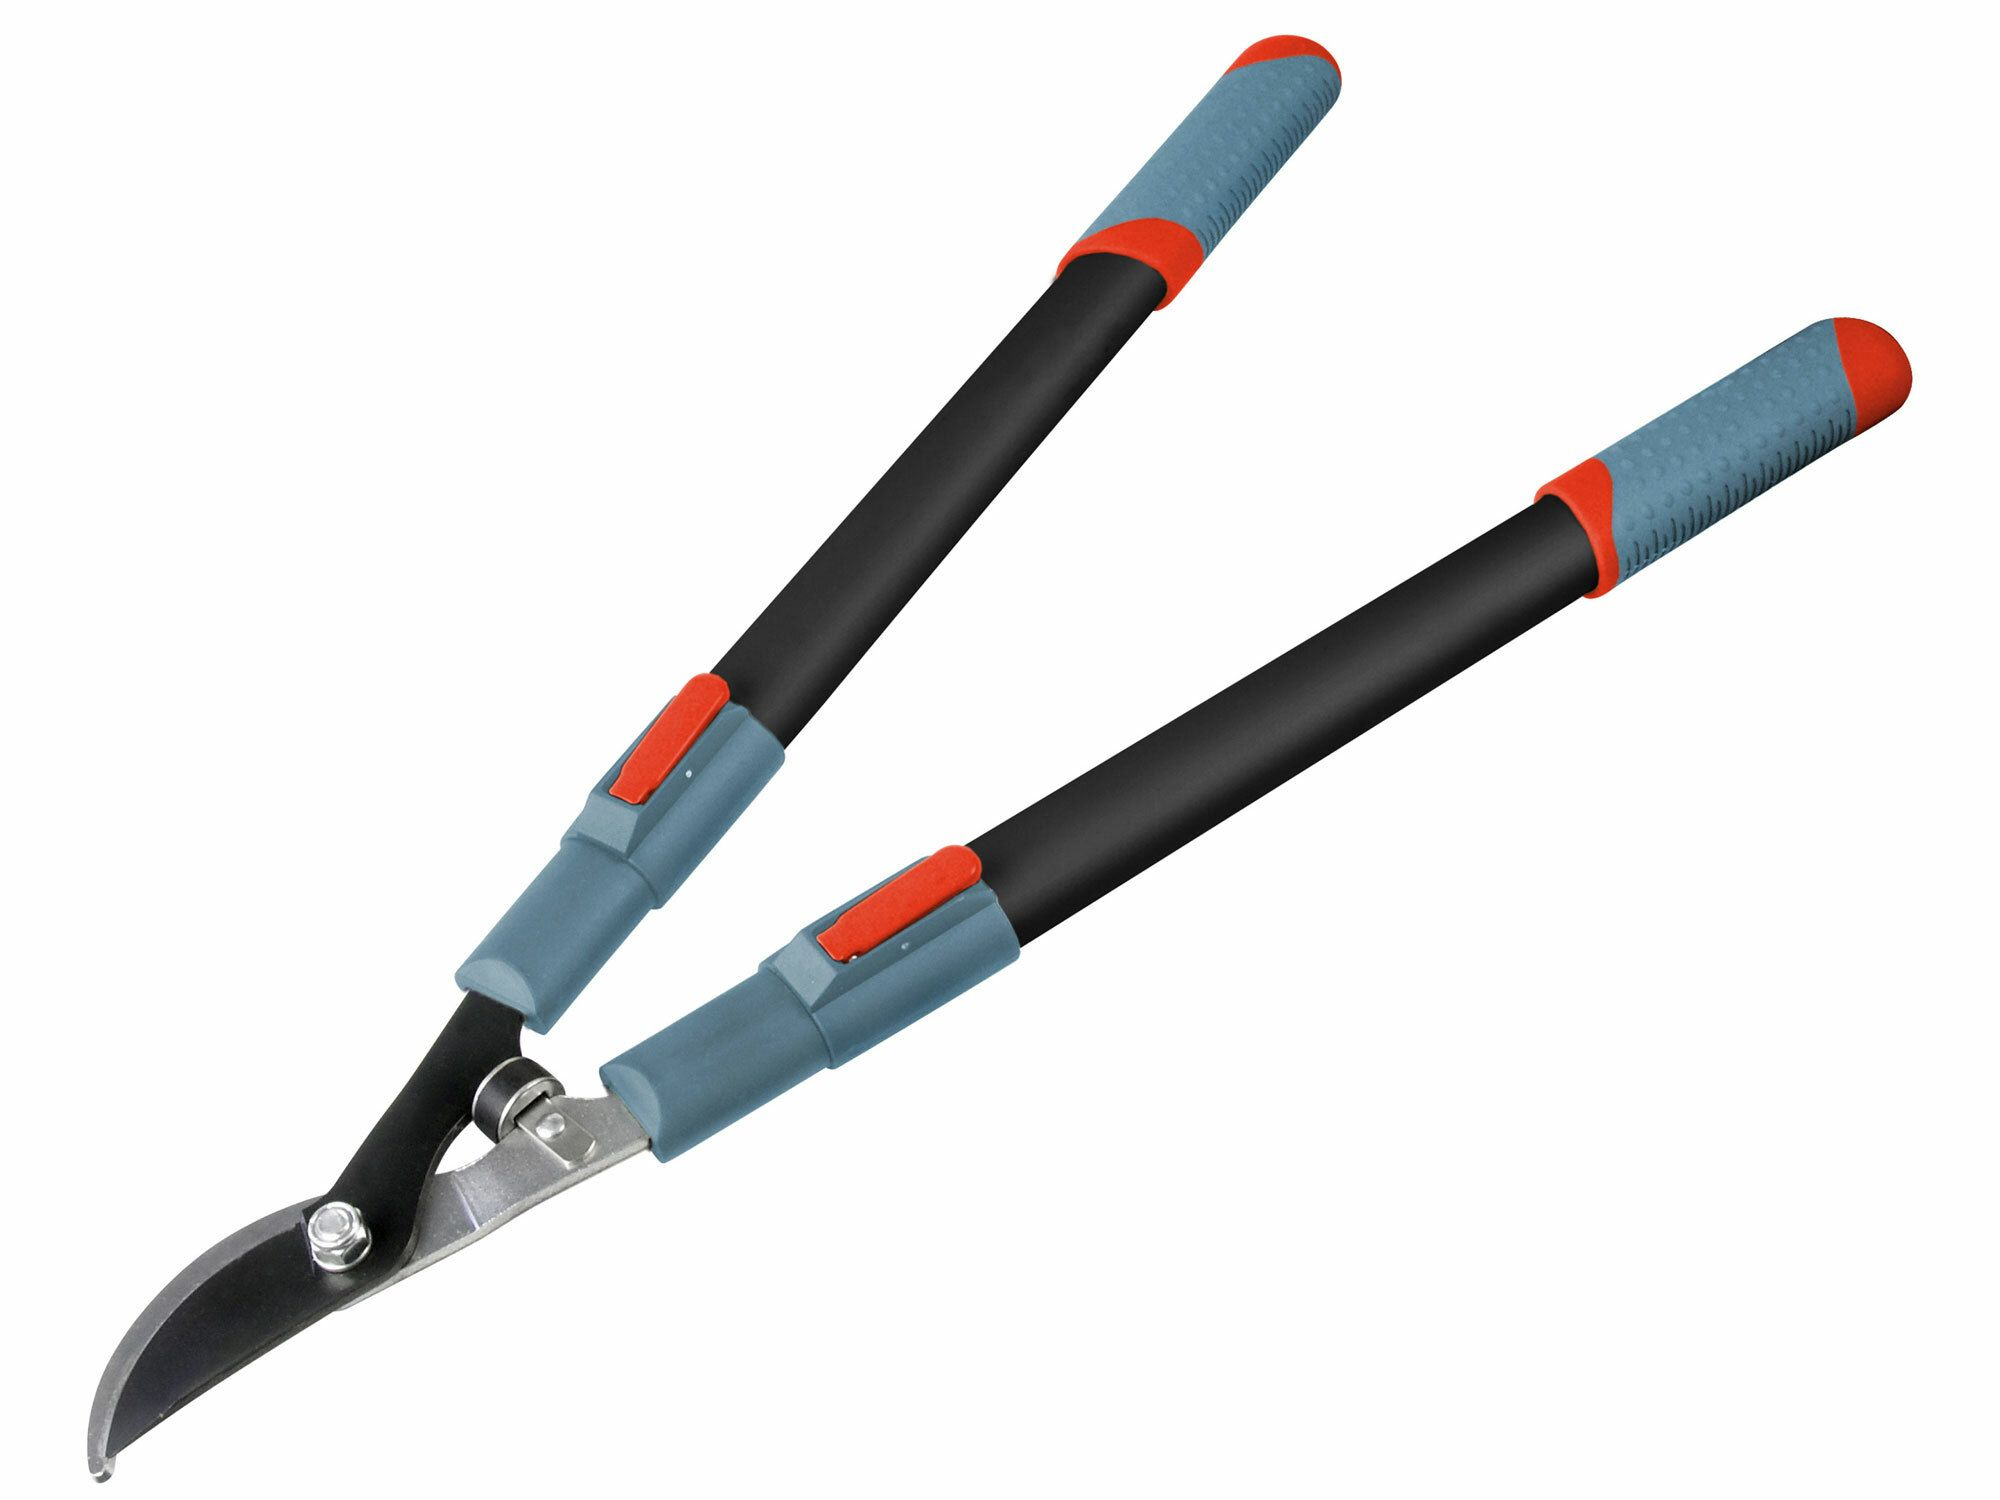 Nůžky na větve teleskopické dvousečné, 670-960mm, teleskopická rukojeť, EXTOL PREMIUM